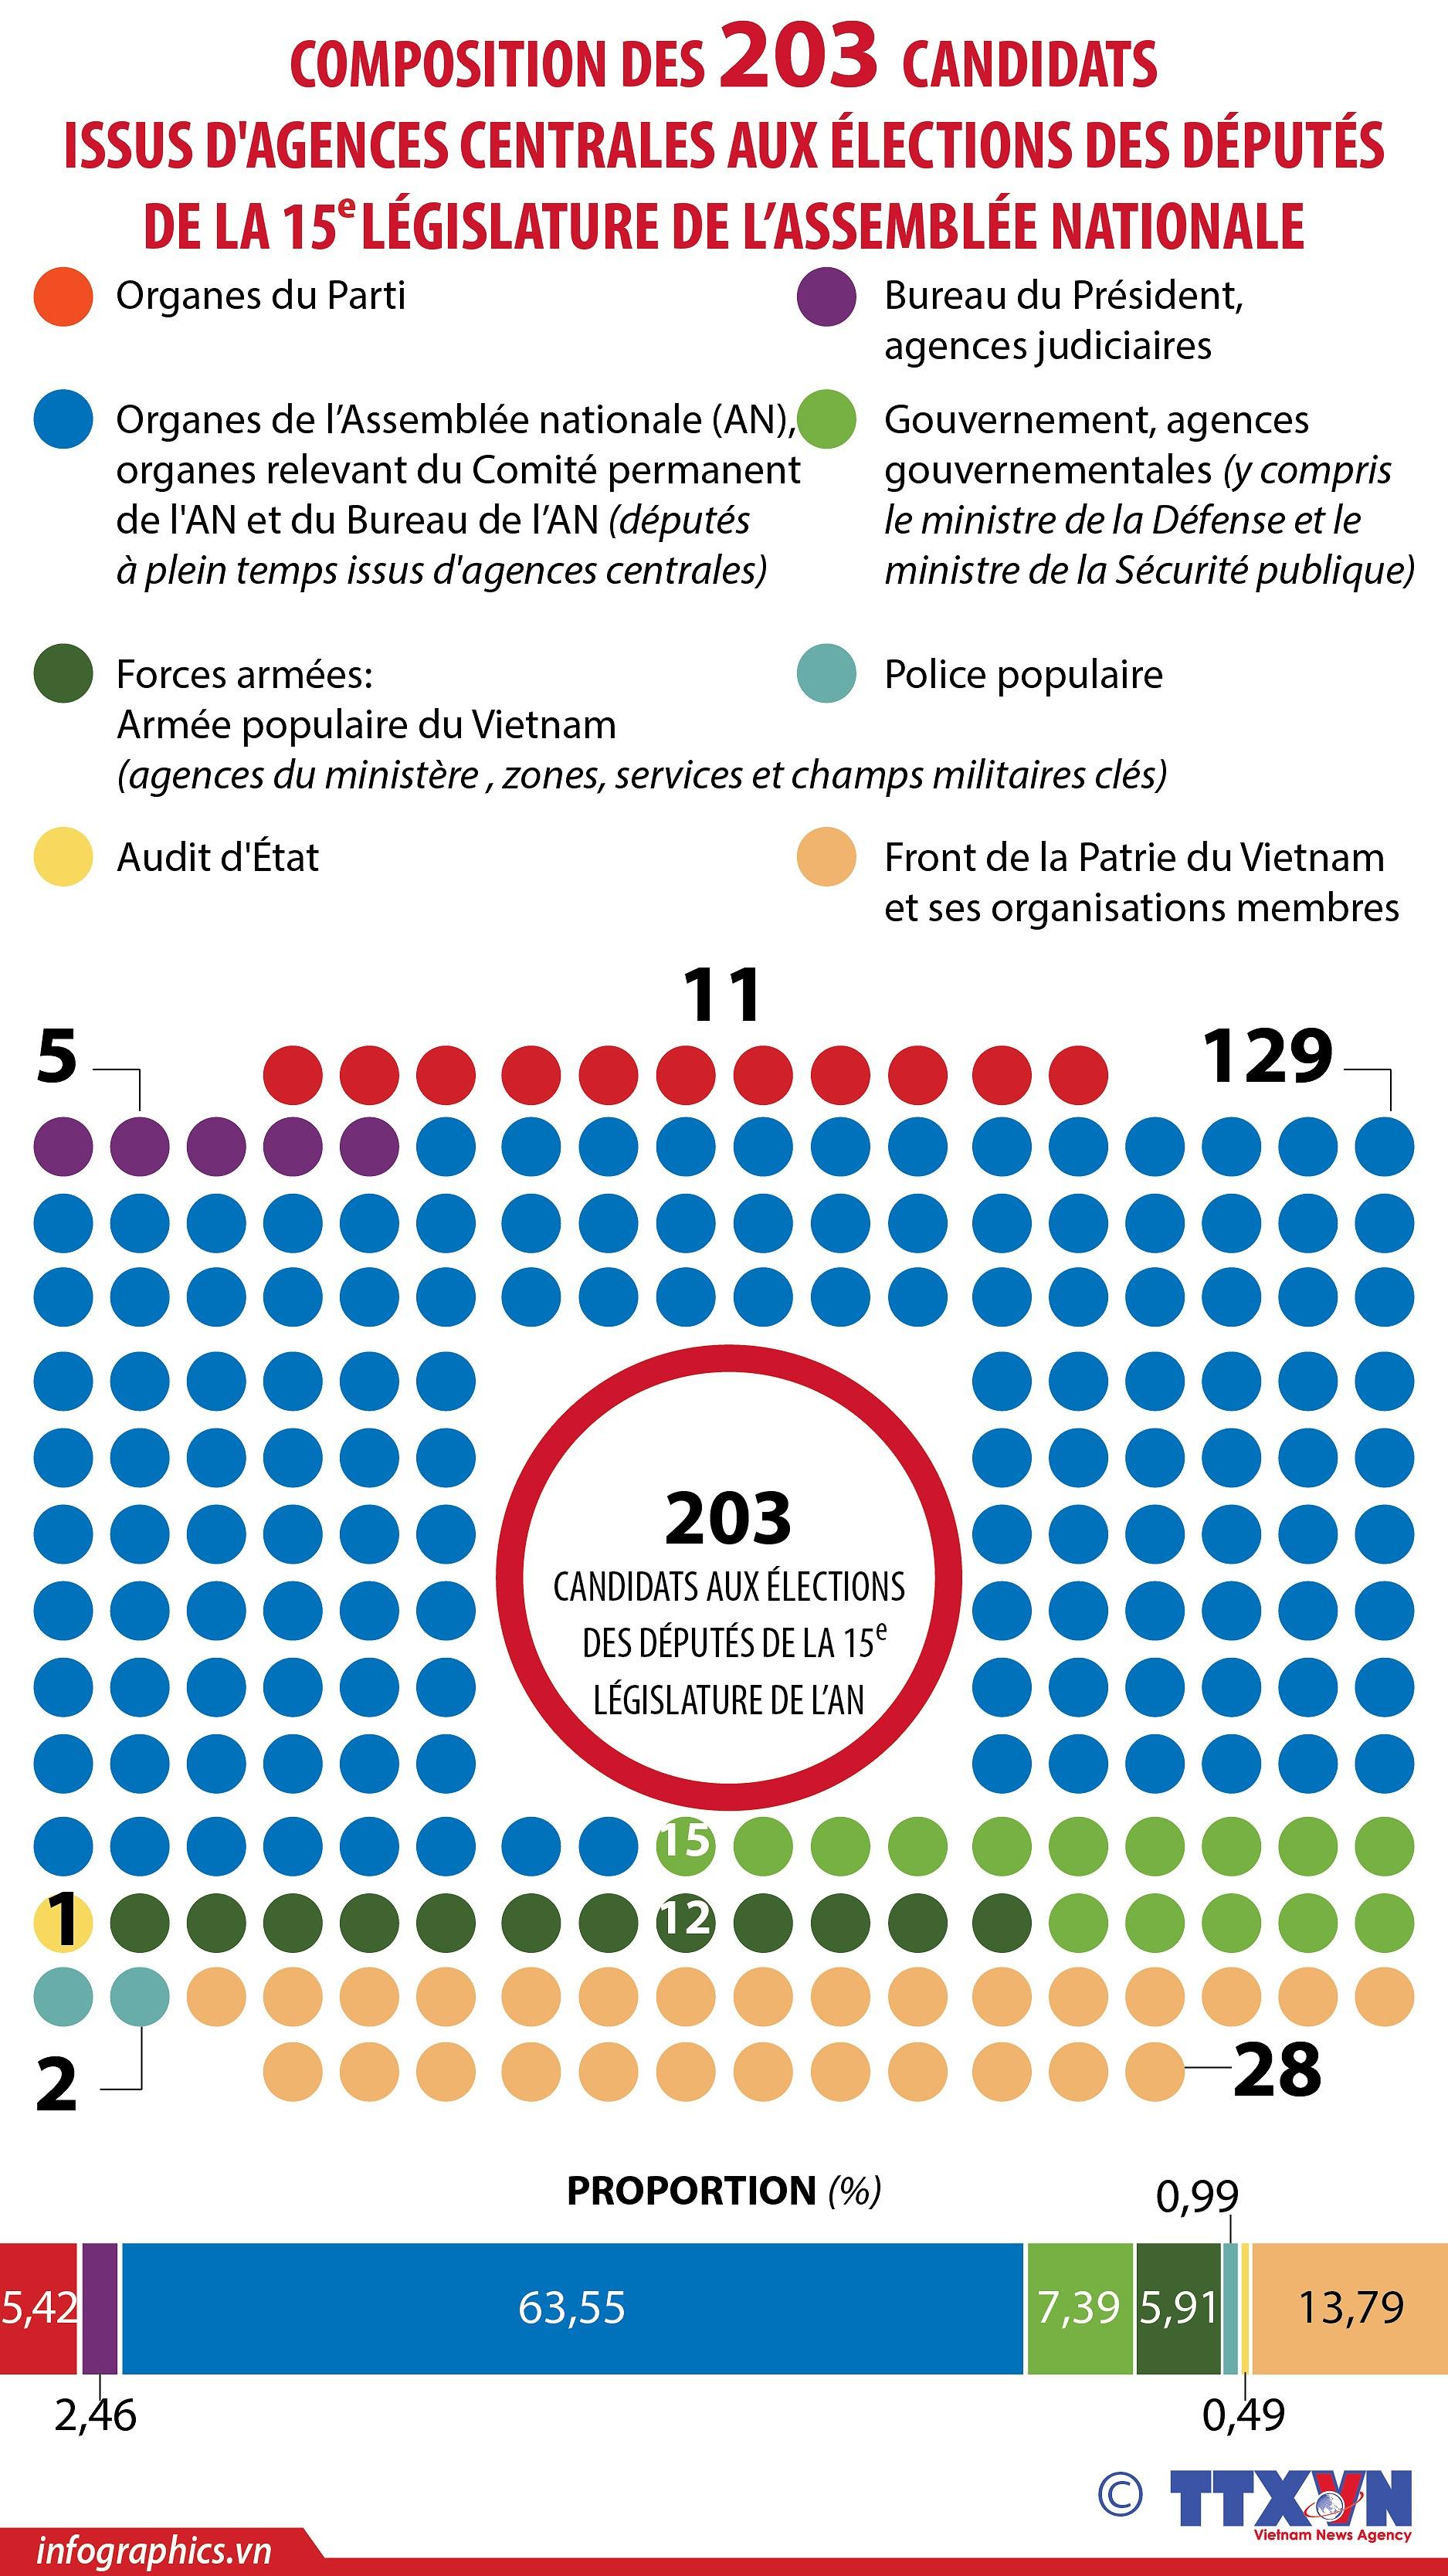 Composition des 203 candidats issus d'agences centrales aux elections des deputes de la 15e AN hinh anh 1